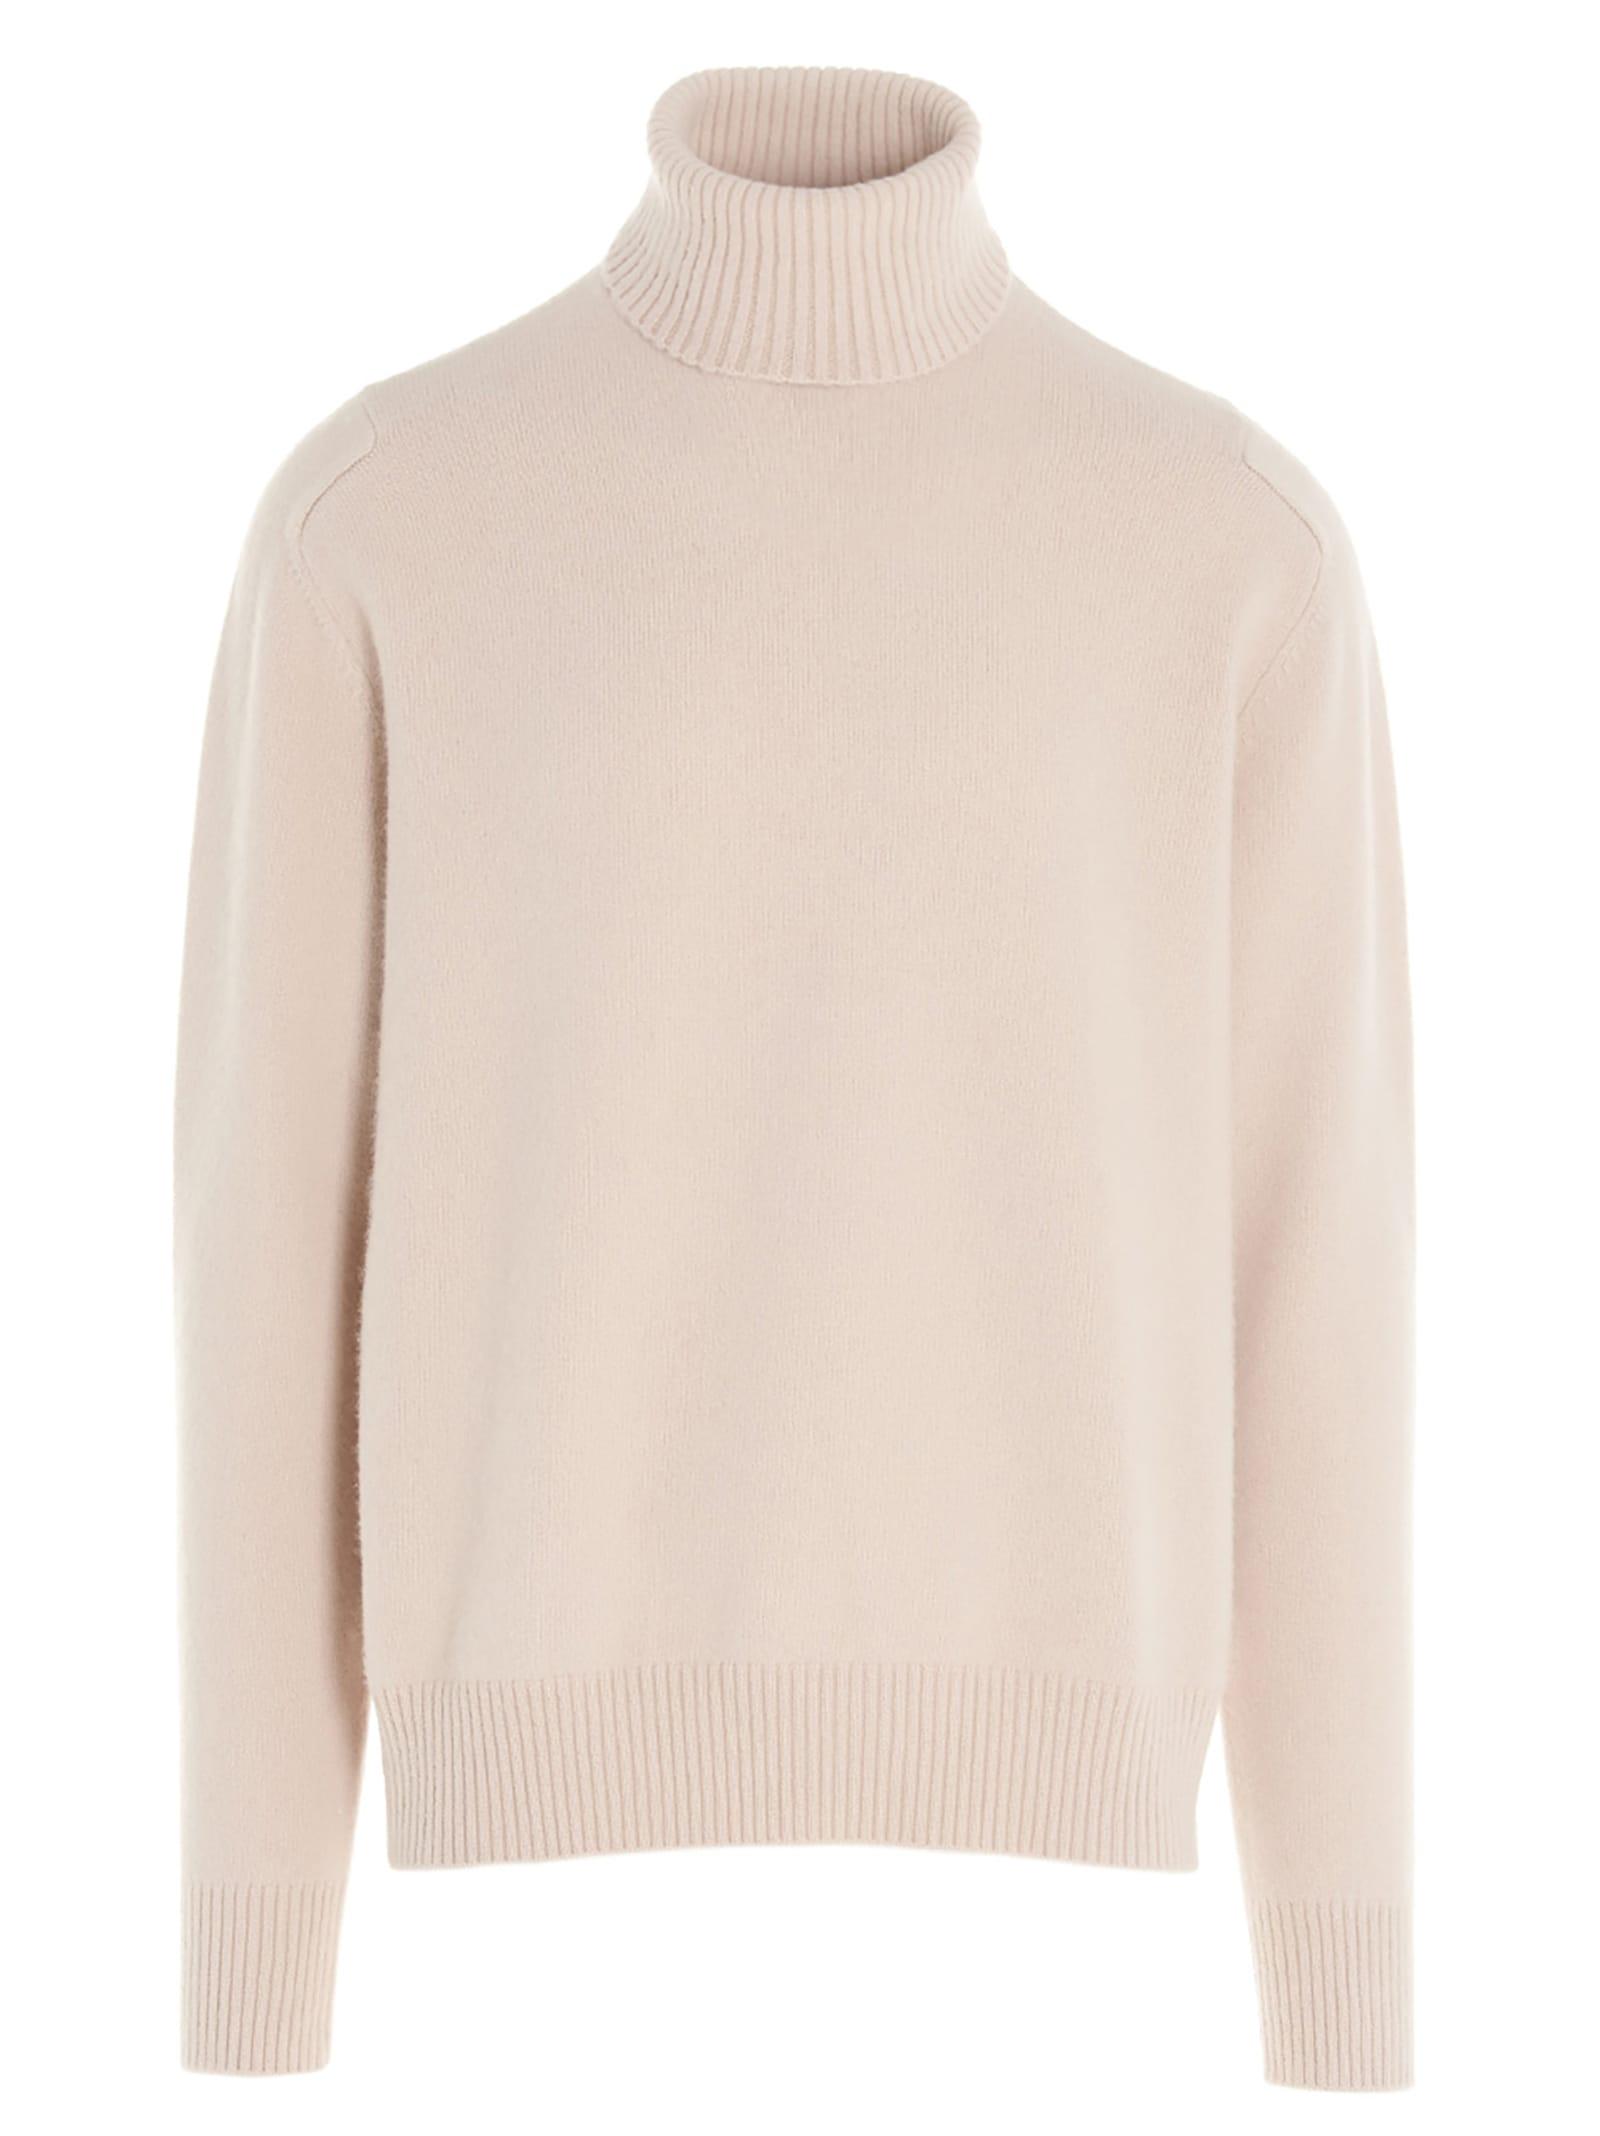 Oamc whistler Rollneck Sweater